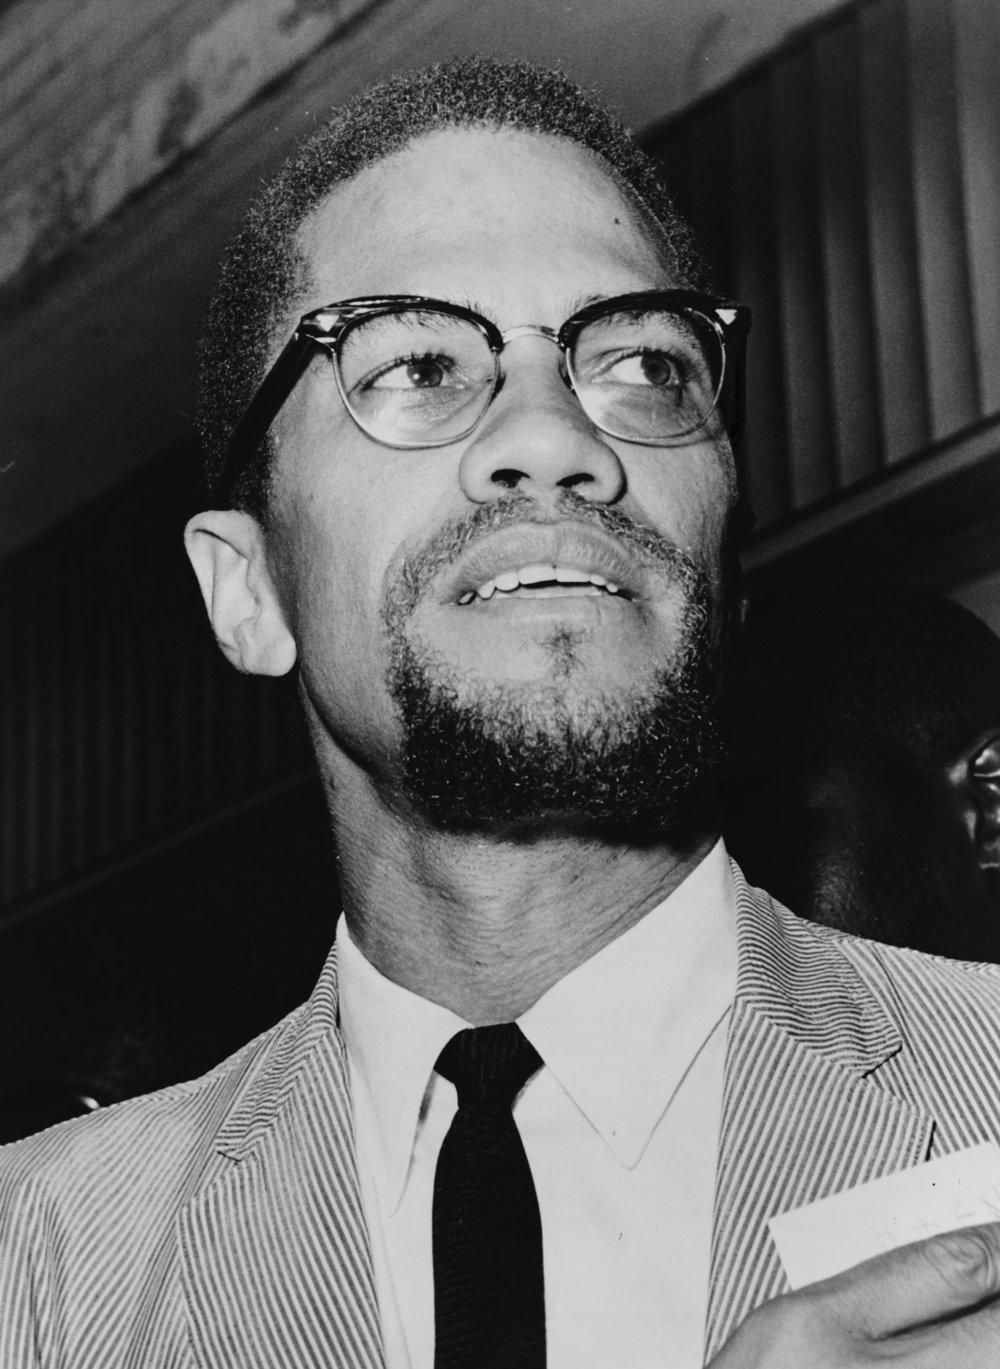 Malcolm_X_NYWTS_4.jpg